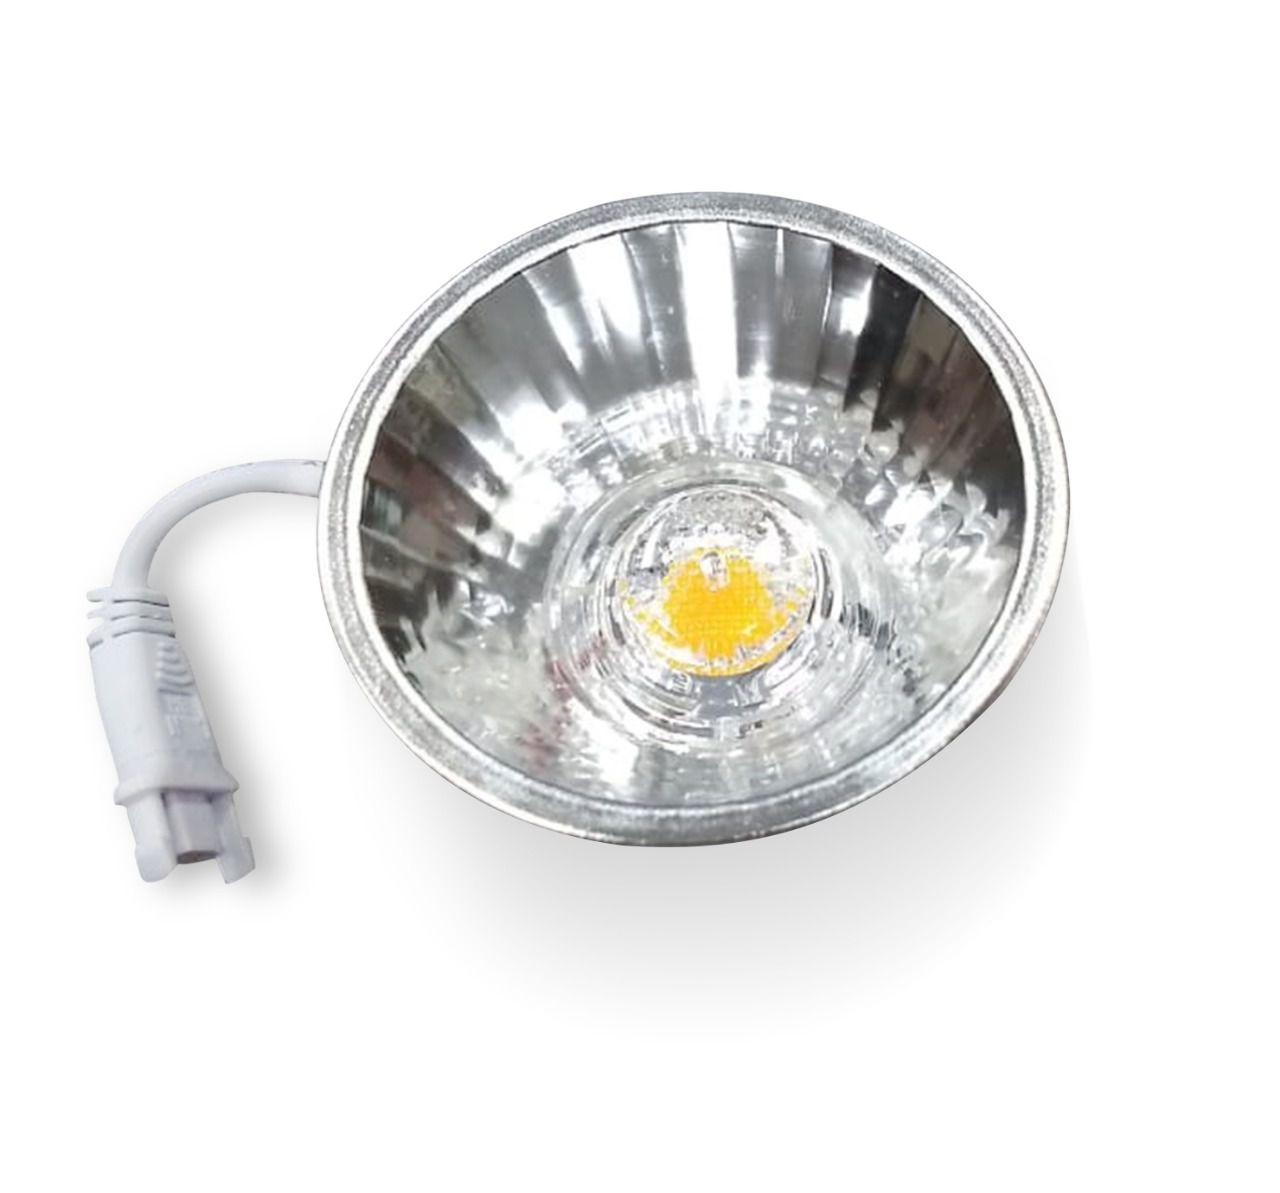 Lampada Led AR70 5W C/ Driver  - 9led